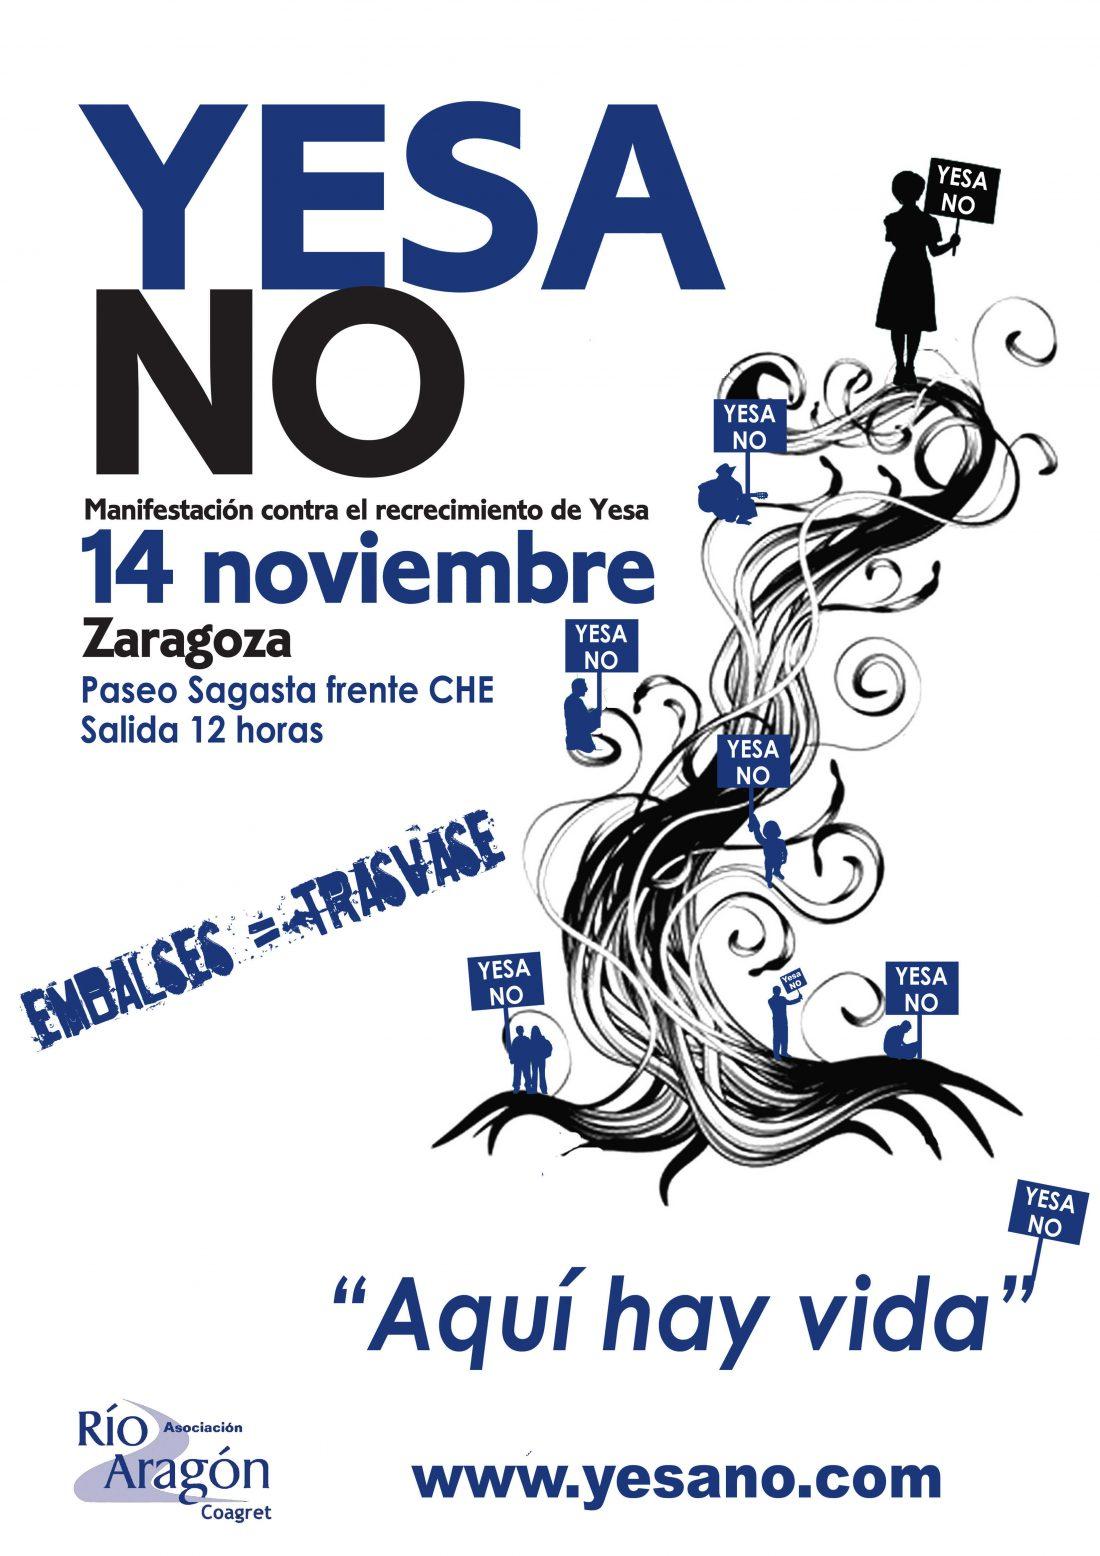 Zaragoza, 14 de Noviembre: Manifestación contra el recrecimiento de Yesa